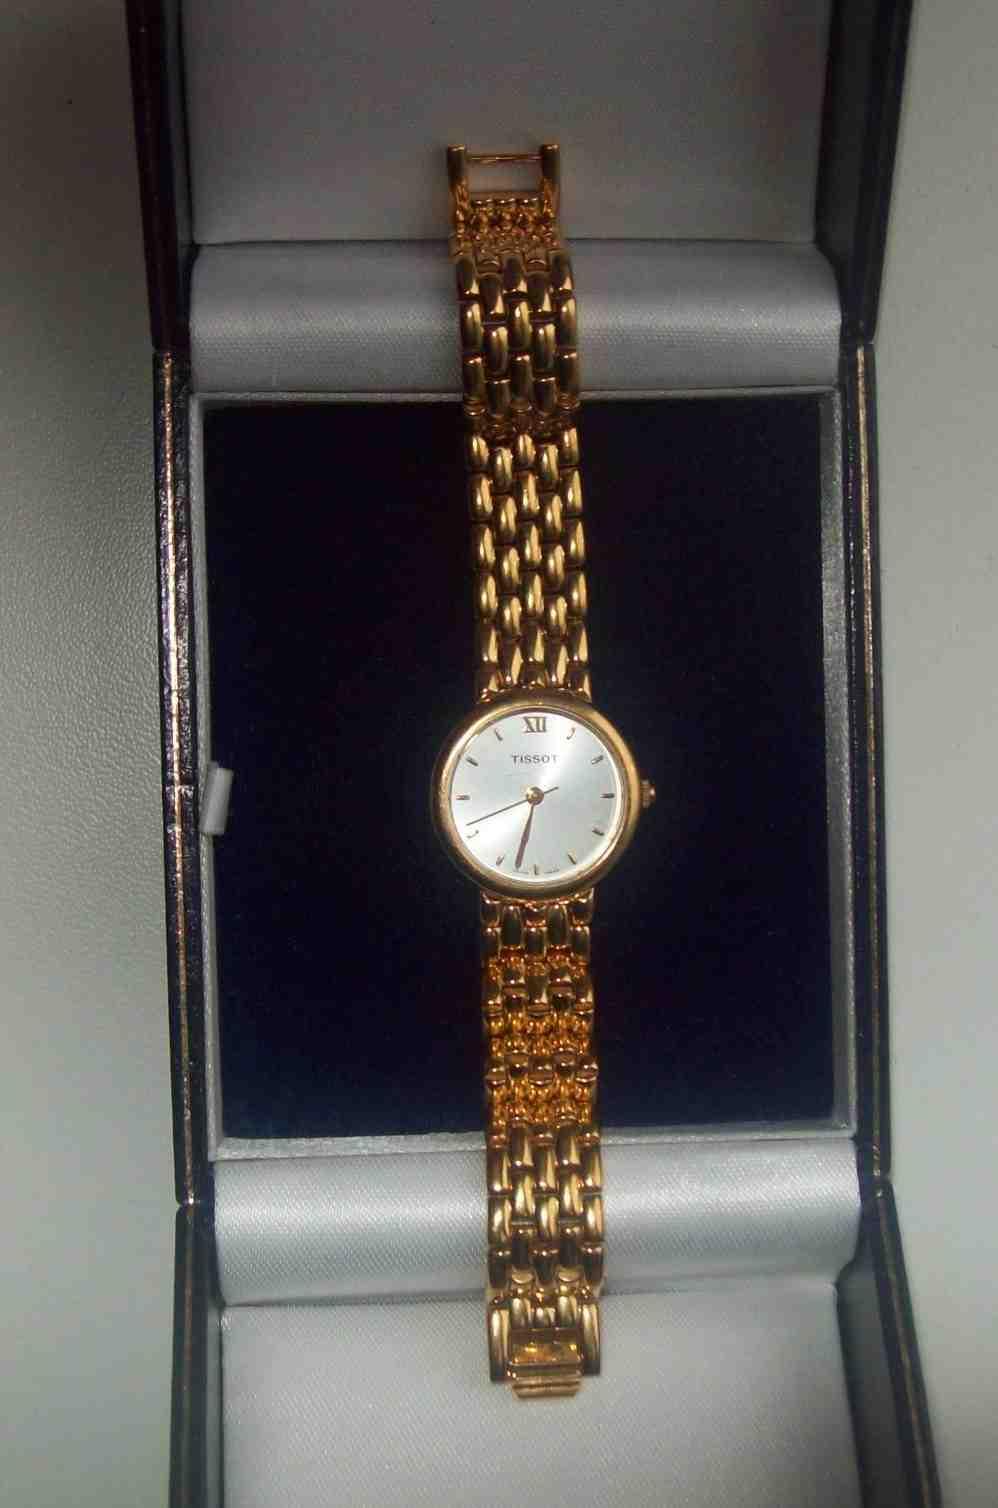 Швейцарський позолочений годинник Tissot Seastar Elegance, зображення 1